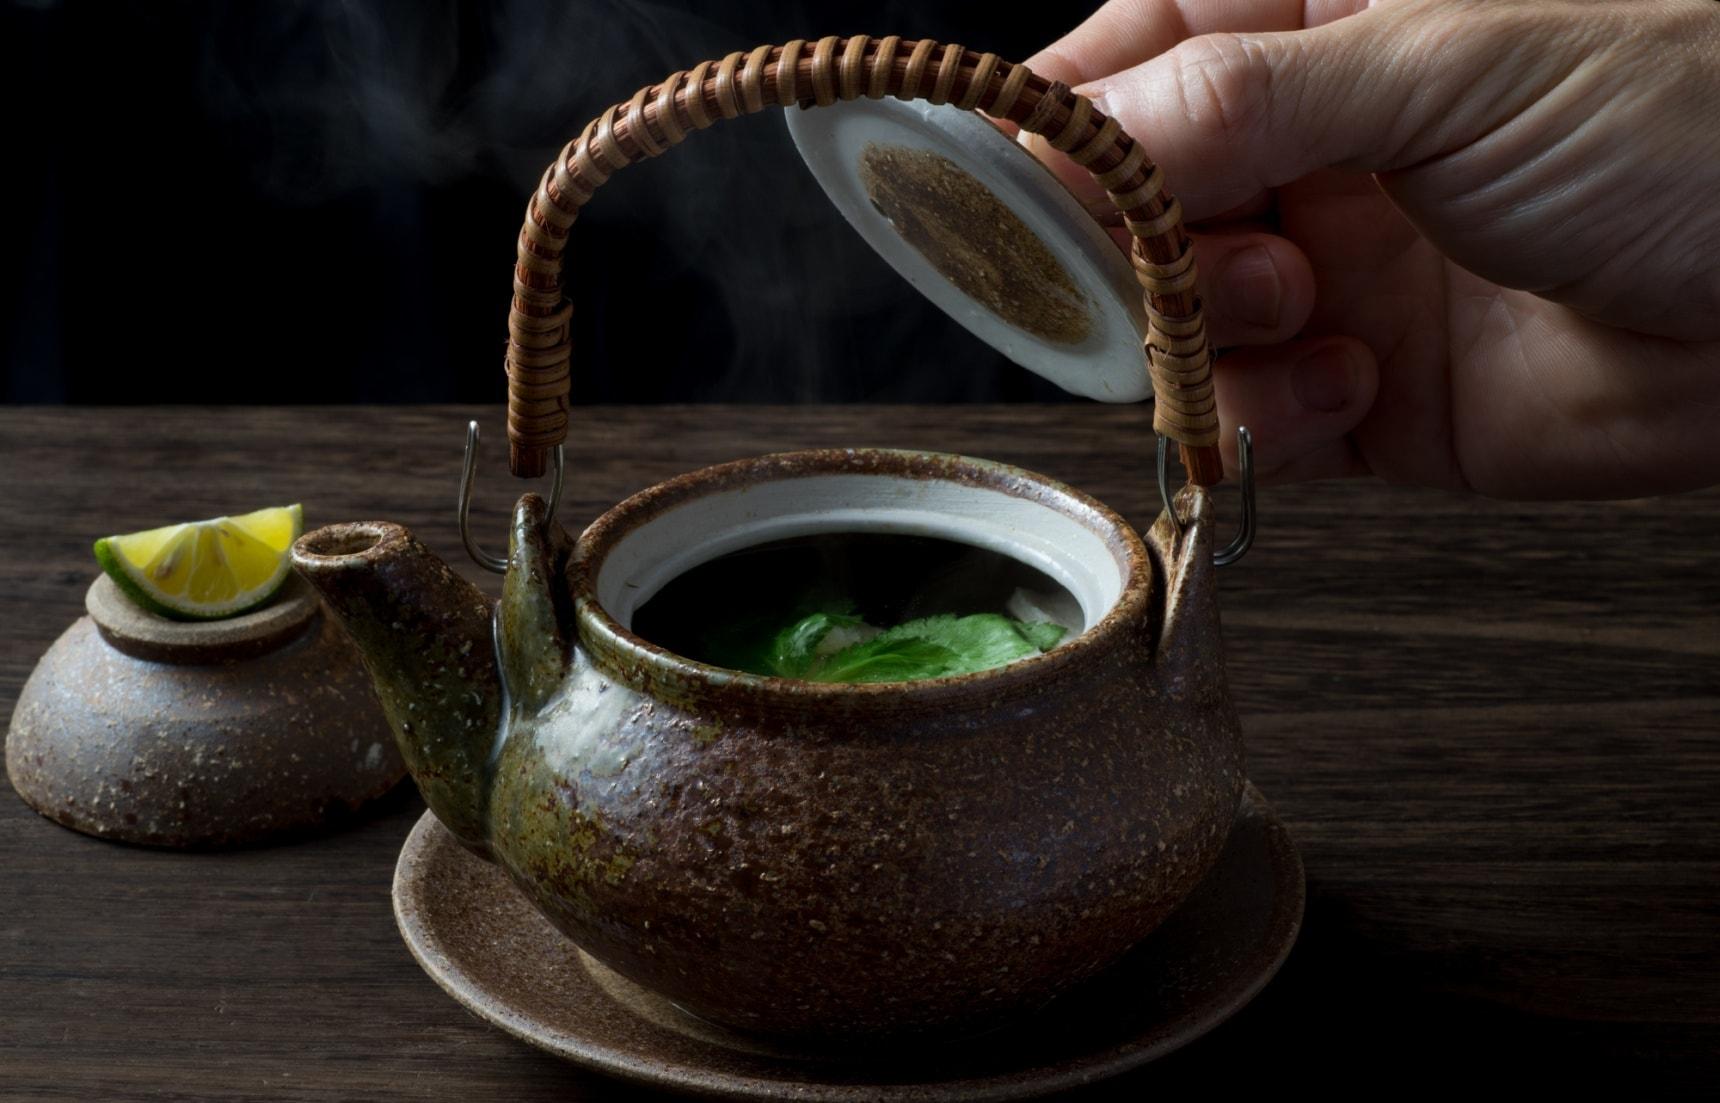 是鍋還是茶壺?打開日本美食「土瓶蒸」的箇中秘密